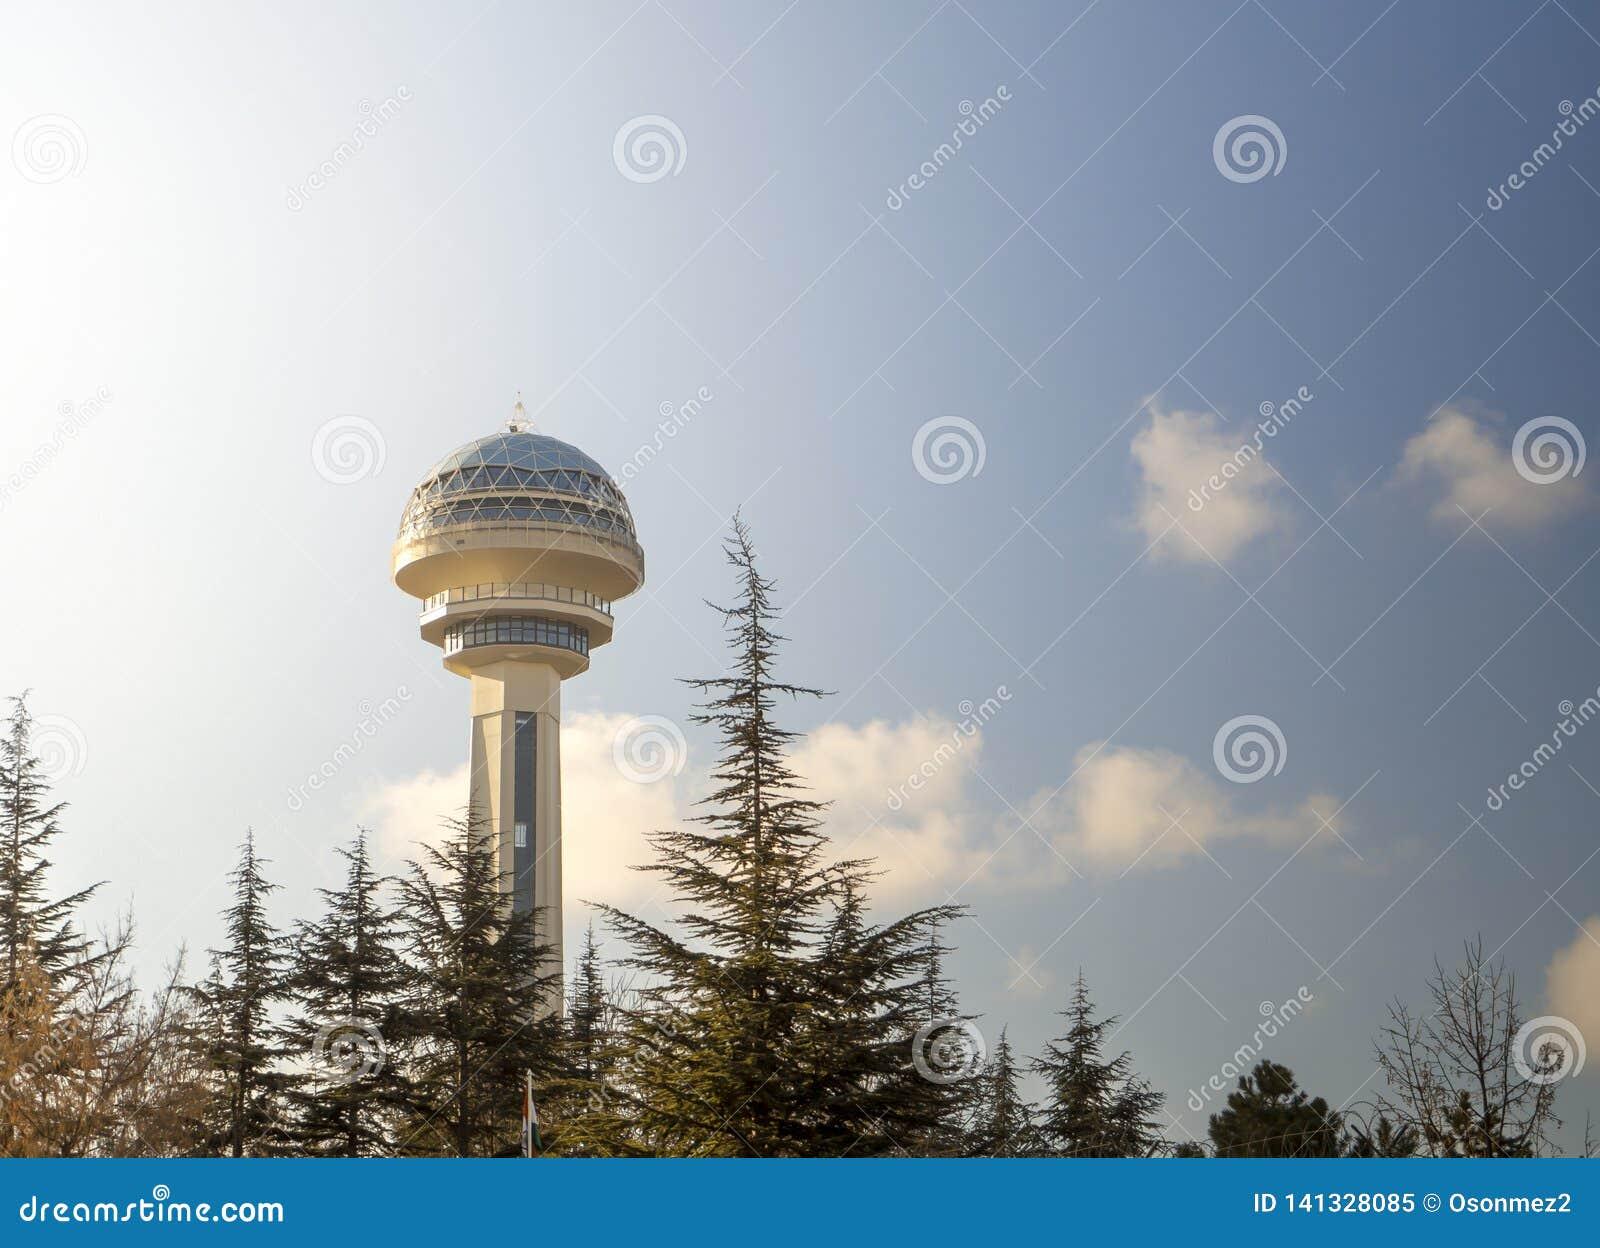 Van Turkije Ankara de hoofdstad 'atakule 'wolkenkrabber de wolkenkrabbers zijn een symbool van het kapitaal van Turkije geworden